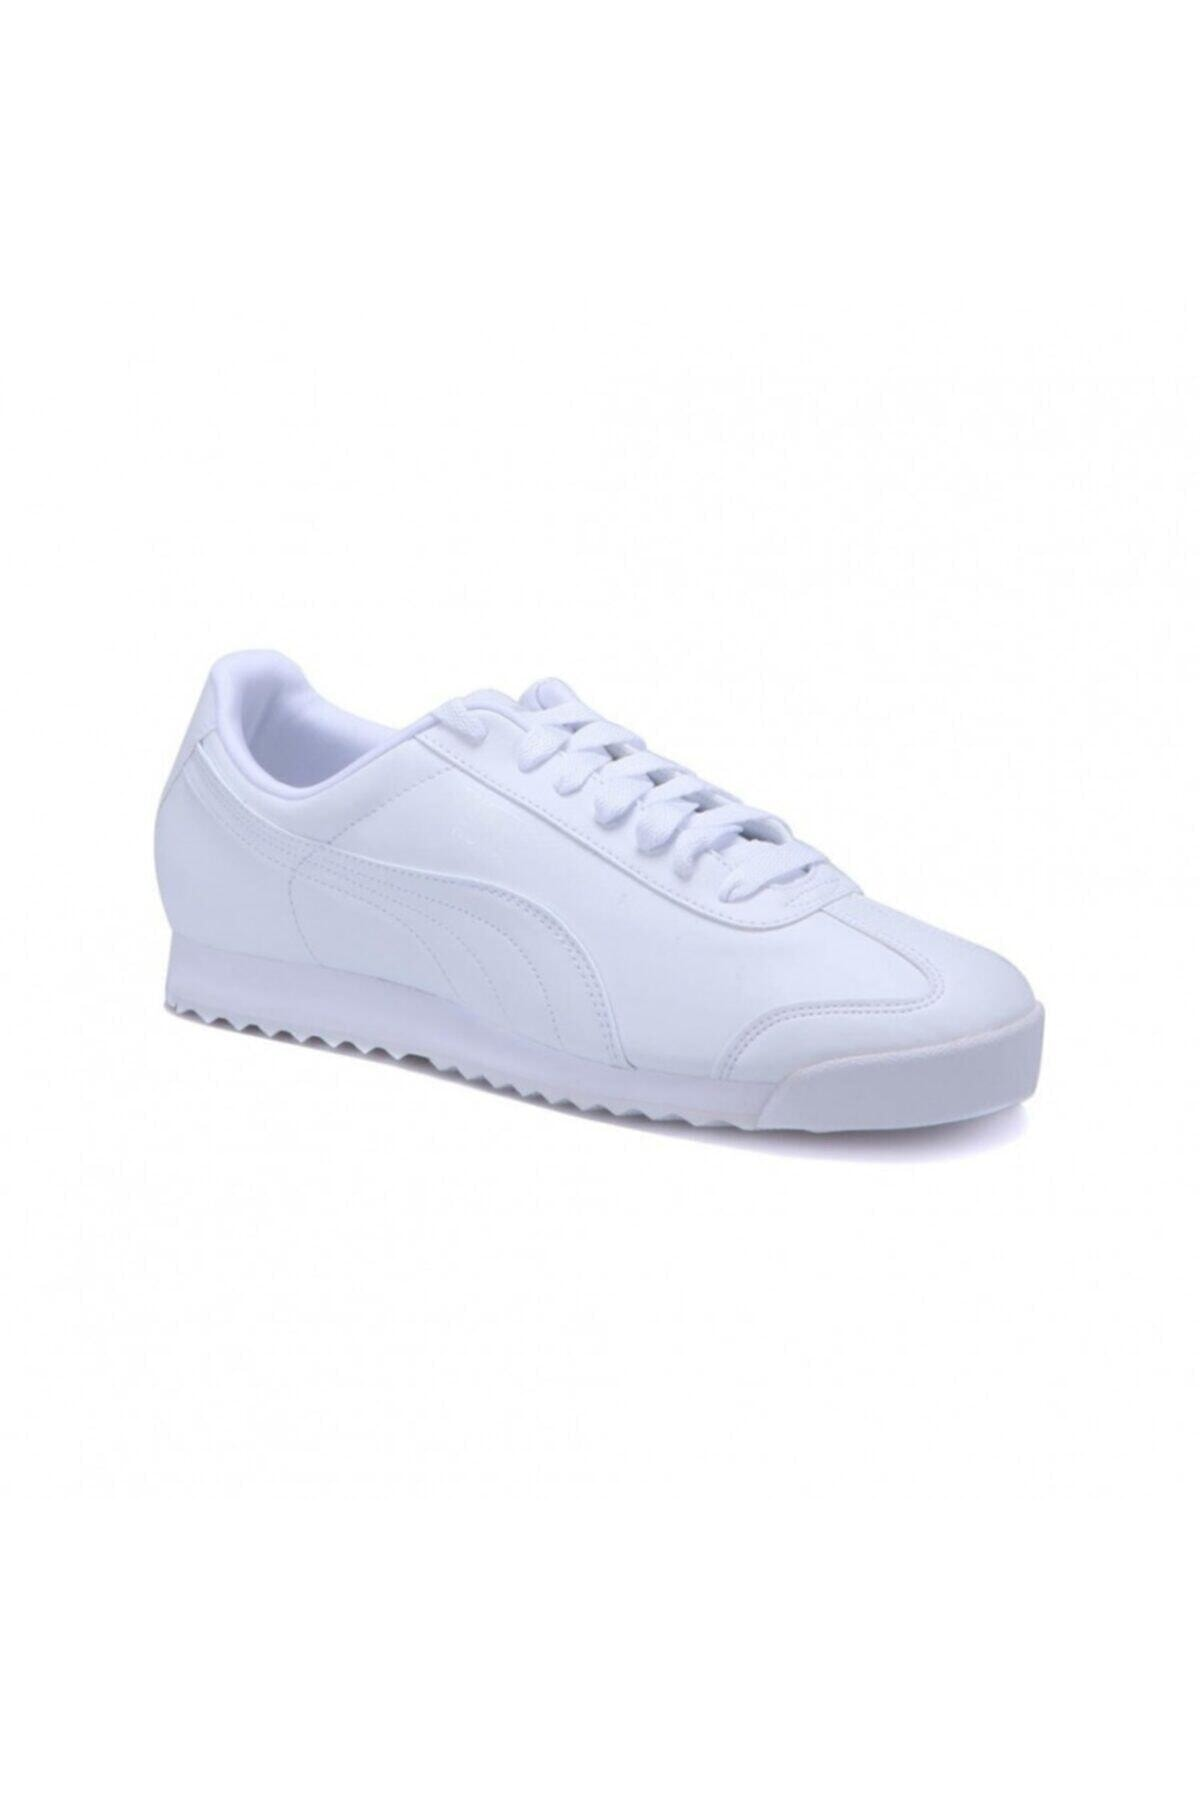 Puma Roma Basic Erkek Ayakkabı 35357221 1